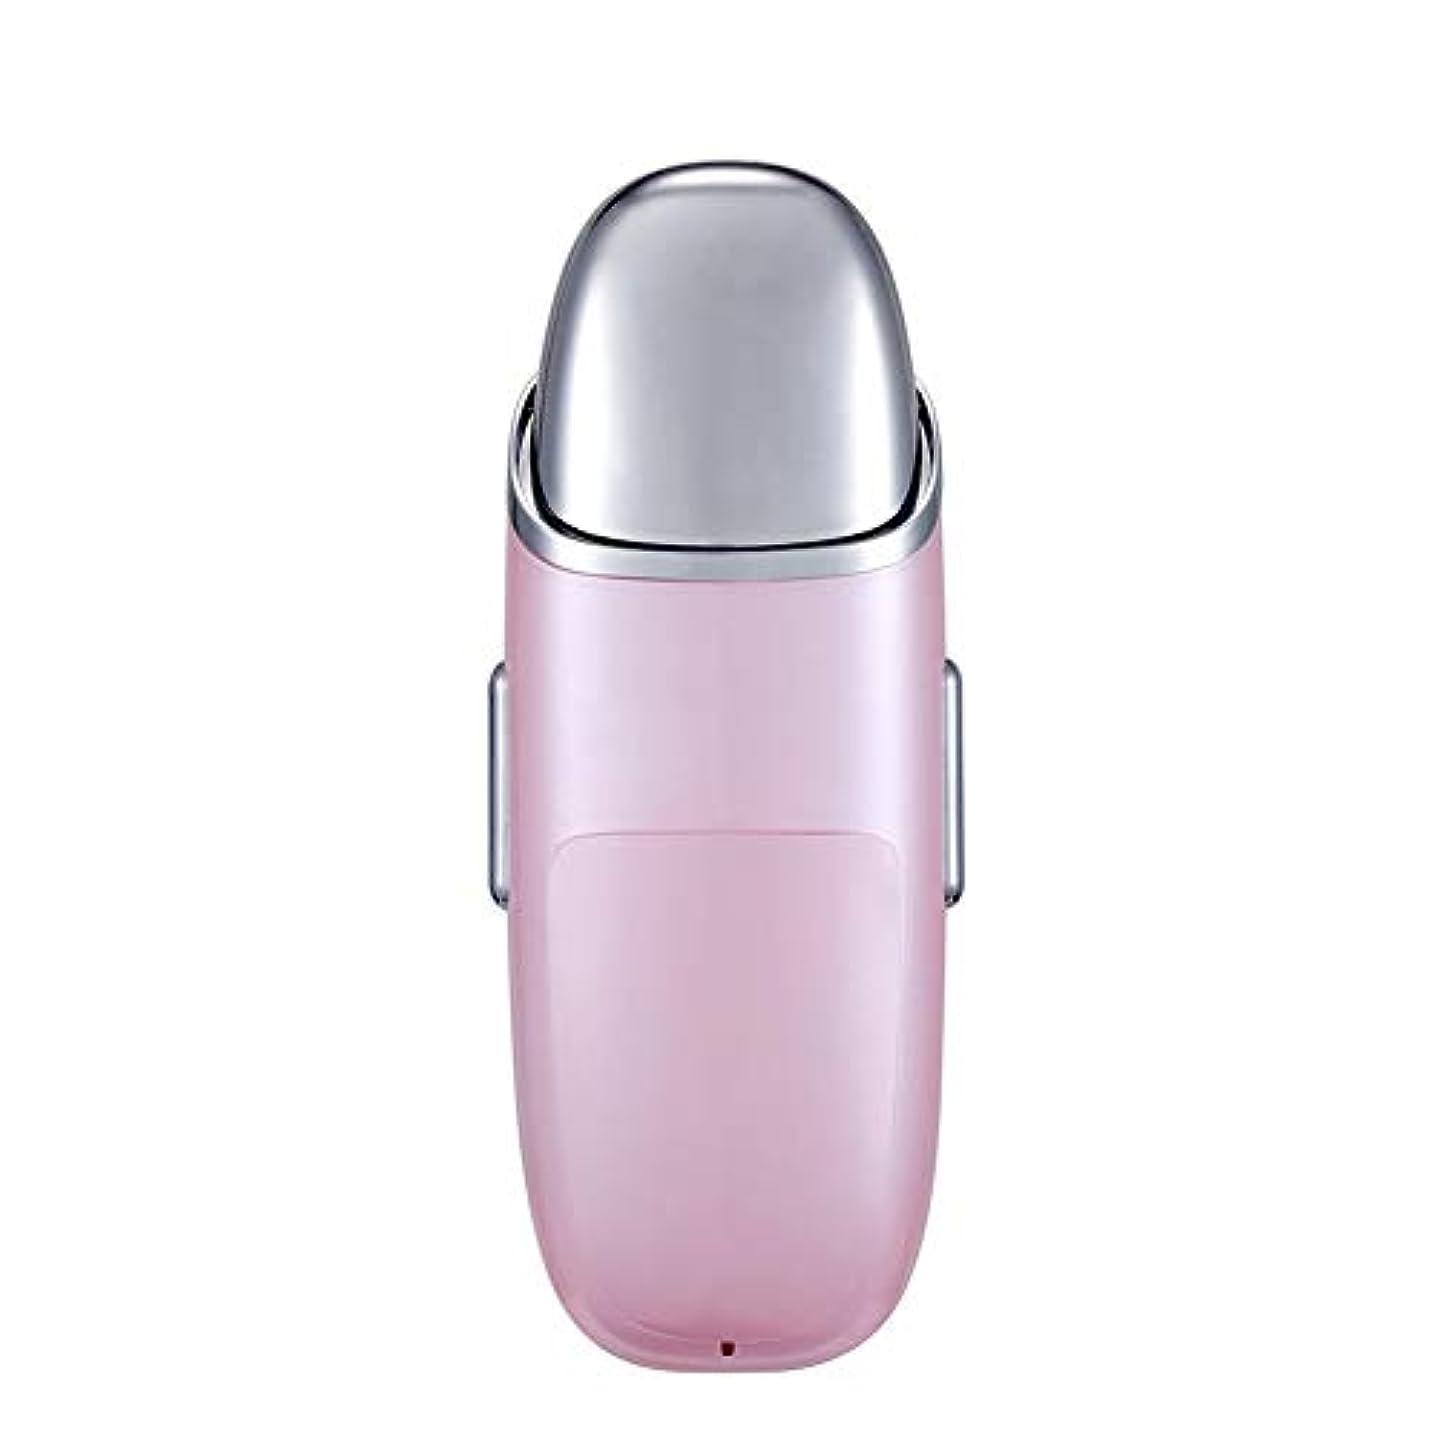 識字ブロックする分散ナノフェイシャル、充電式フェイシャルスチーマー10 ml水タンク、ポータブルフェイシャルスプレー、スキンケア、旅行保湿および保湿 (Color : Pink)